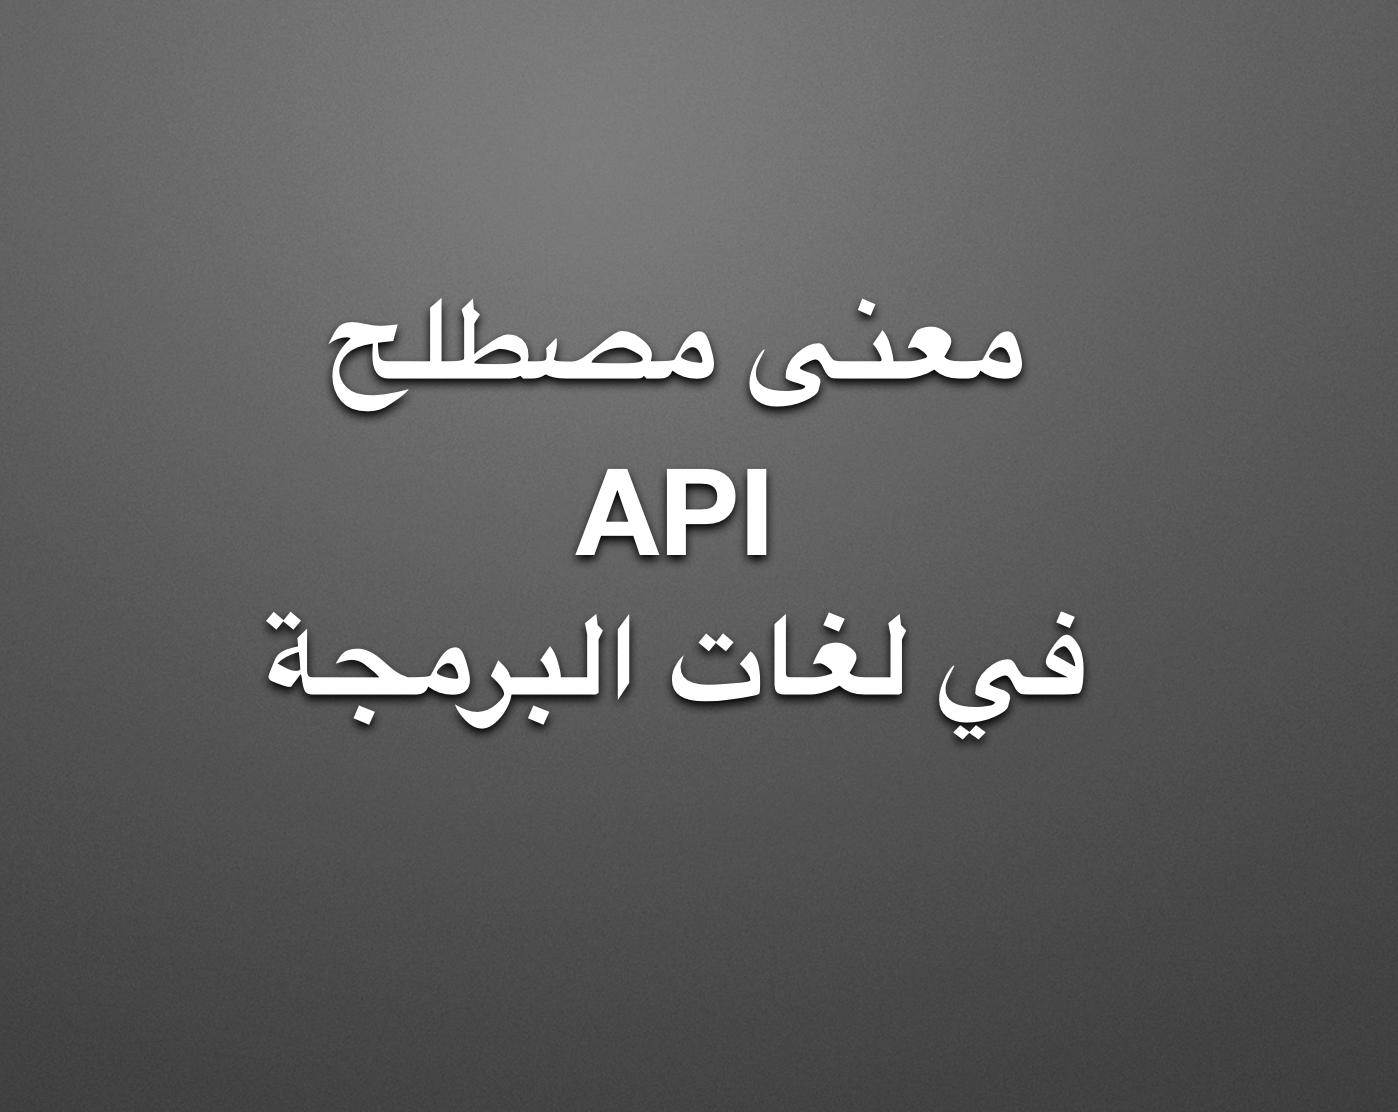 ما معنى مصطلح API في لغات البرمجة.؟